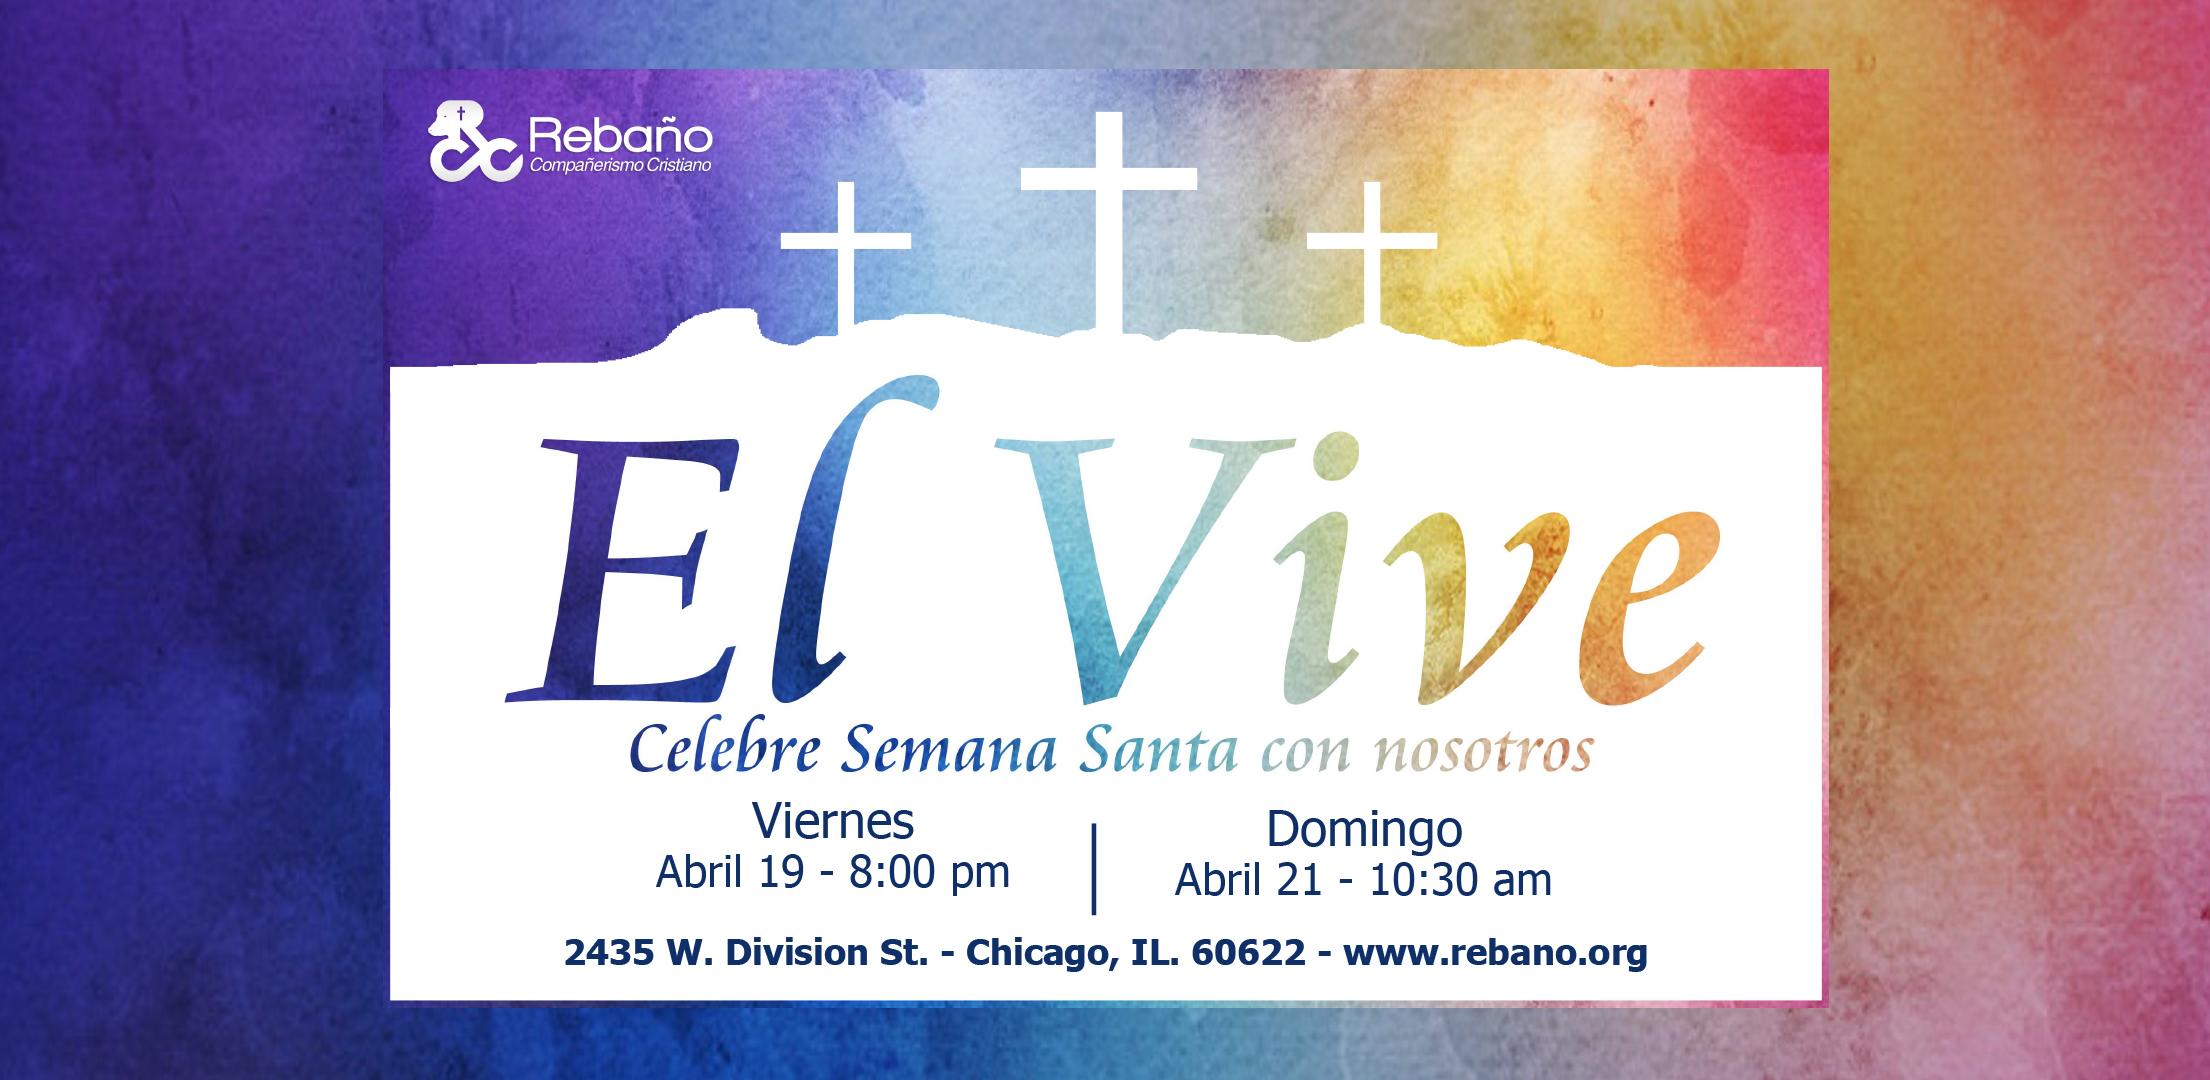 Serie Expansion Iglesia Rebaño